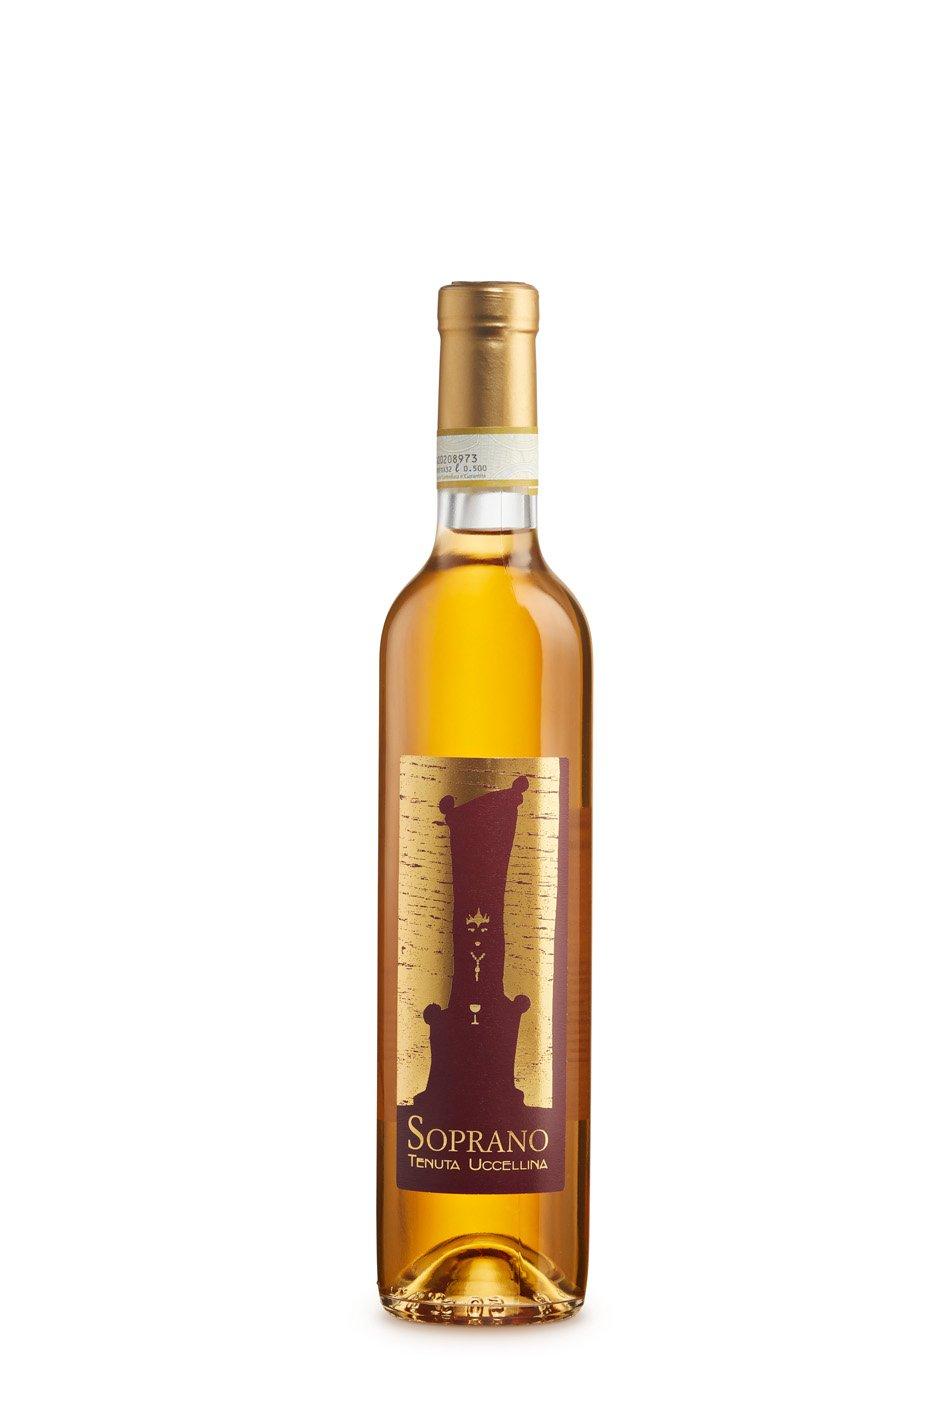 Soprano - Romagna Albana Passito DOCG - Tenuta Uccellina